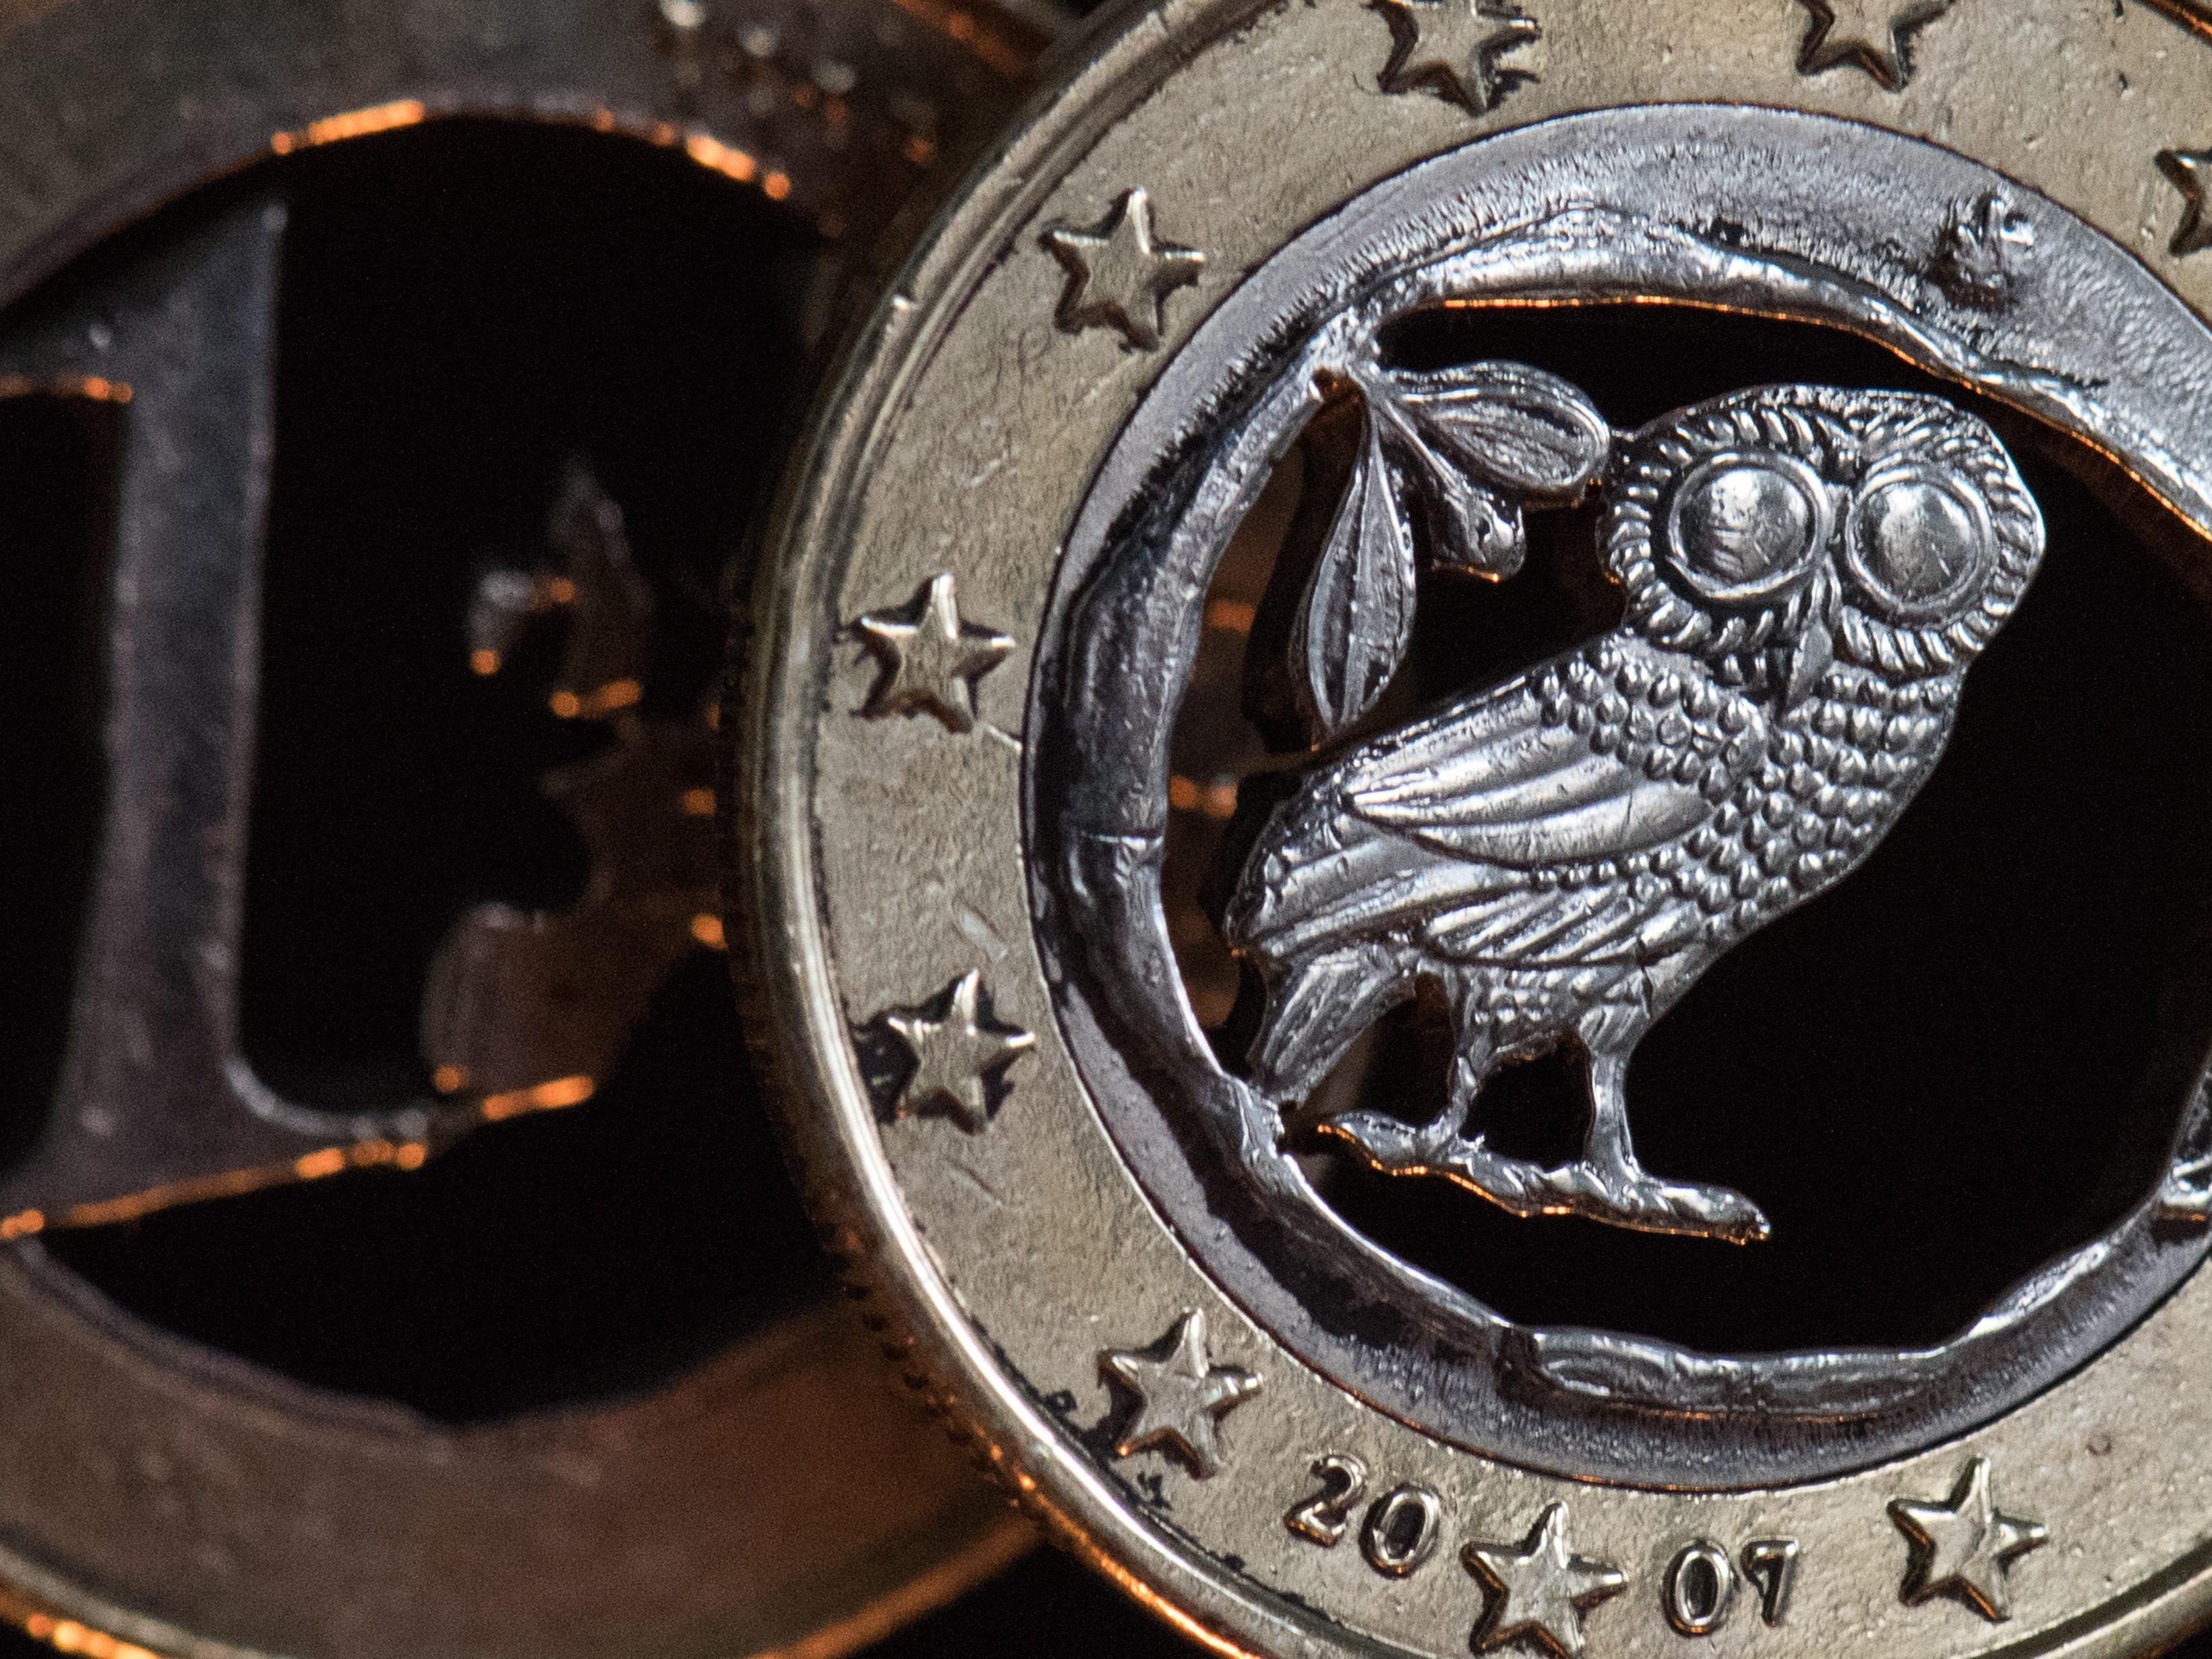 Griechen müssen liefern - Eurogruppe entscheidet am Dienstag